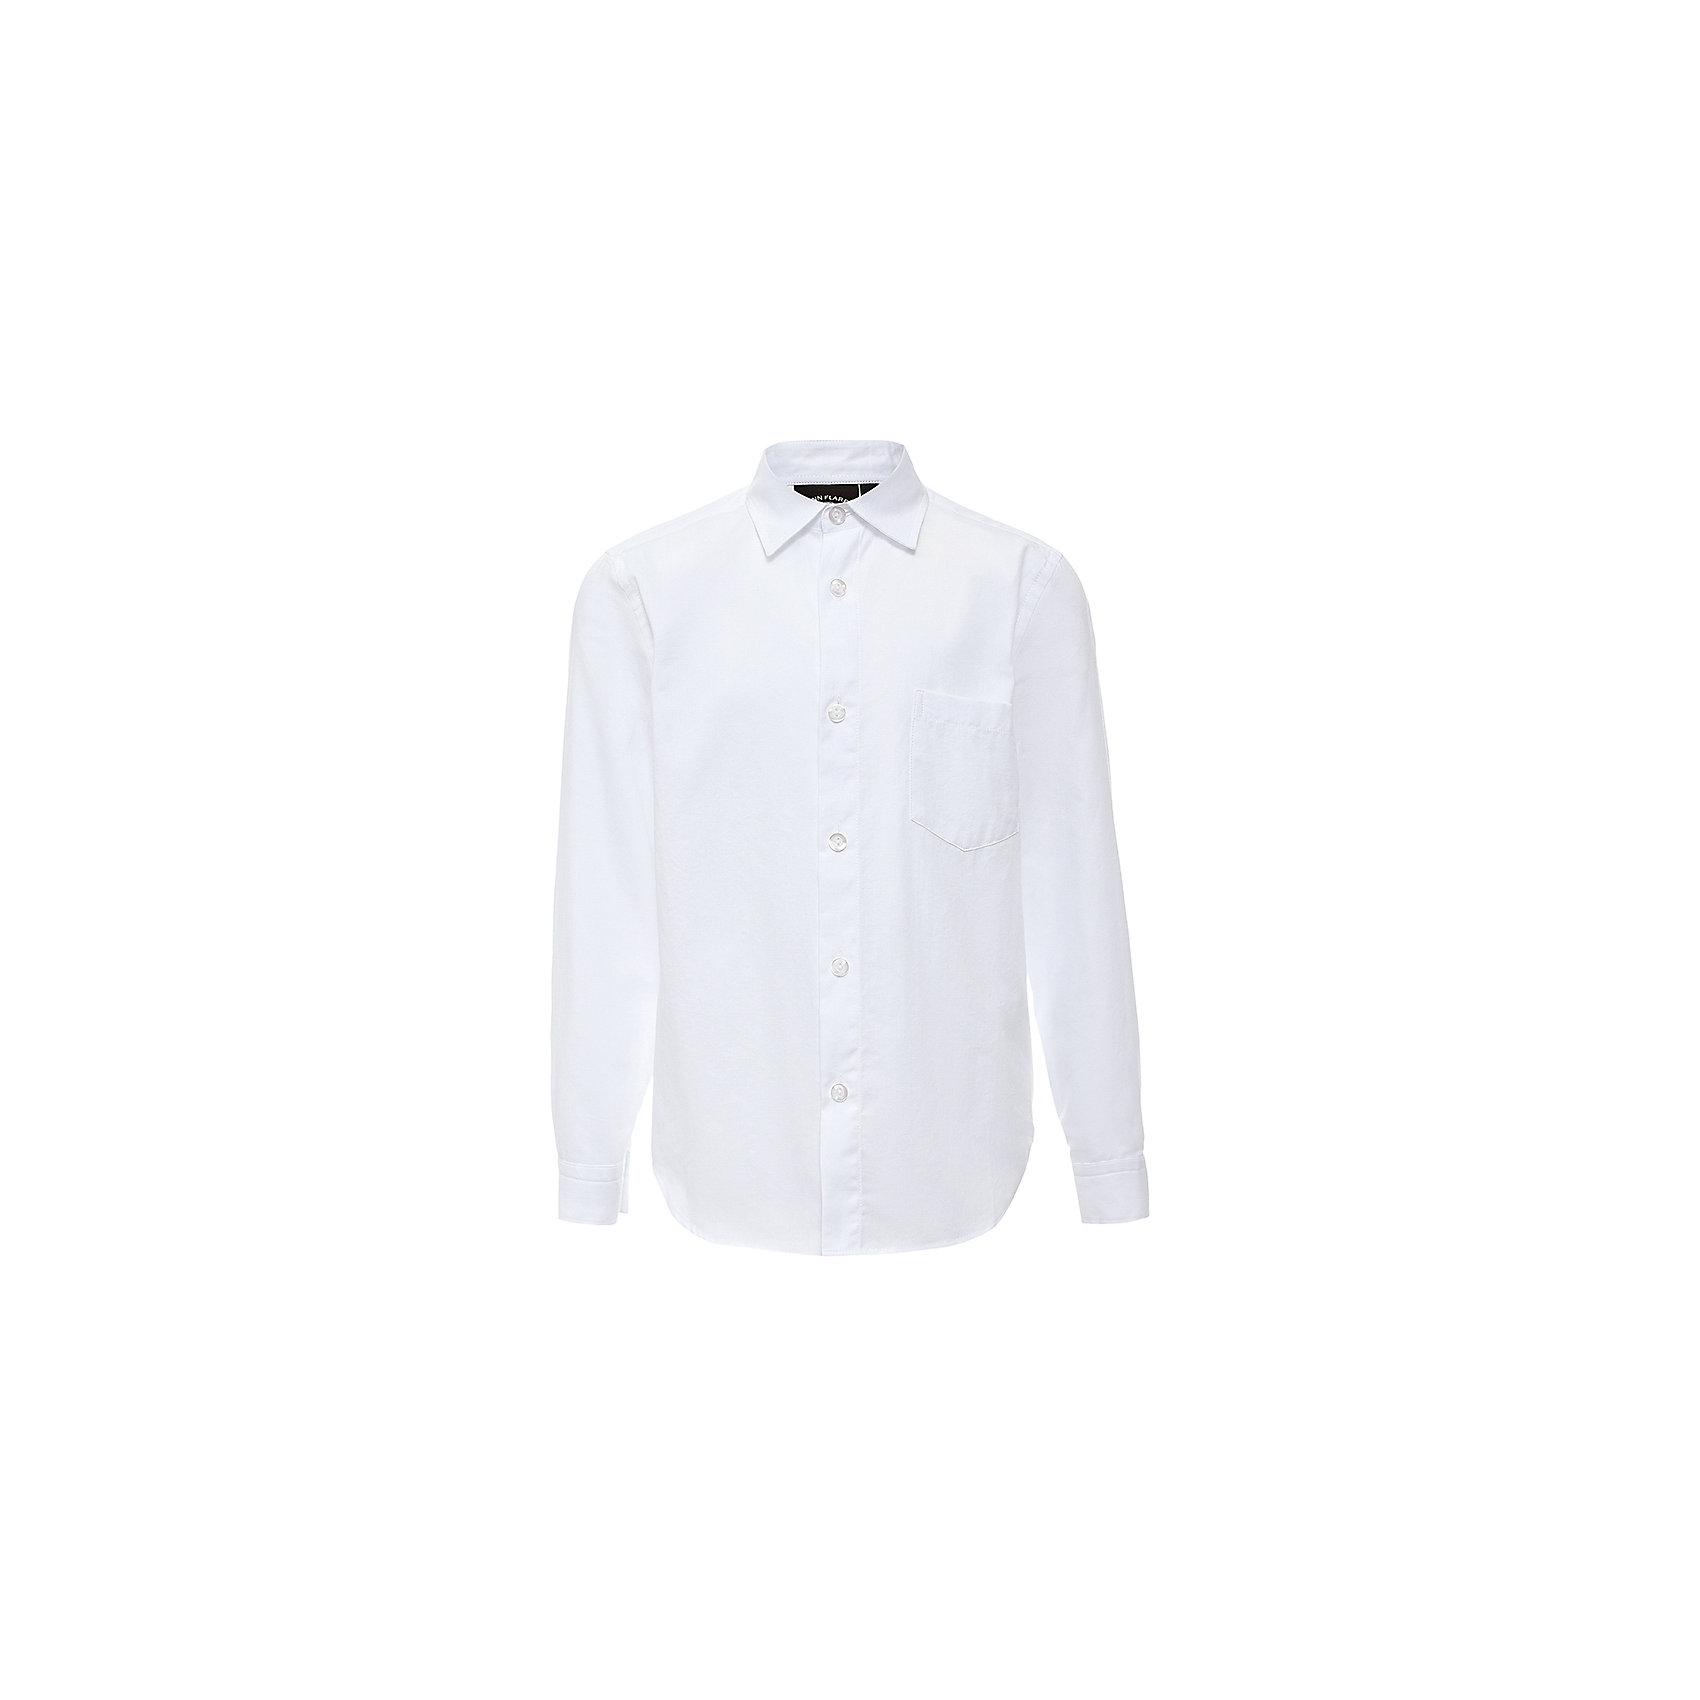 Рубашка для мальчика Finn FlareБлузки и рубашки<br>Рубашка для мальчика известной марки Finn Flare.<br><br>Школьная рубашка для мальчика предназначена для повседневной носки. Рубашка сочетается с брюками и джинсами, наверх можно надеть джемпер. Рубашка застегивается на пуговицы, есть манжеты на пуговицах и нагрудный карман. Рубашка легко стирается и гладится, полностью хлопковая, приятная к телу. <br><br>Фактура материала: Текстильный<br>Вид застежки: Пуговицы<br>Длина рукава: Длинные<br>Тип карманов: Накладные<br><br>Состав: 100% хлопок<br><br>Рубашку для мальчика Finn Flare можно купить в нашем интернет-магазине.<br><br>Ширина мм: 174<br>Глубина мм: 10<br>Высота мм: 169<br>Вес г: 157<br>Цвет: белый<br>Возраст от месяцев: 132<br>Возраст до месяцев: 144<br>Пол: Мужской<br>Возраст: Детский<br>Размер: 152,158,116,122,128,134,140,146<br>SKU: 4890436